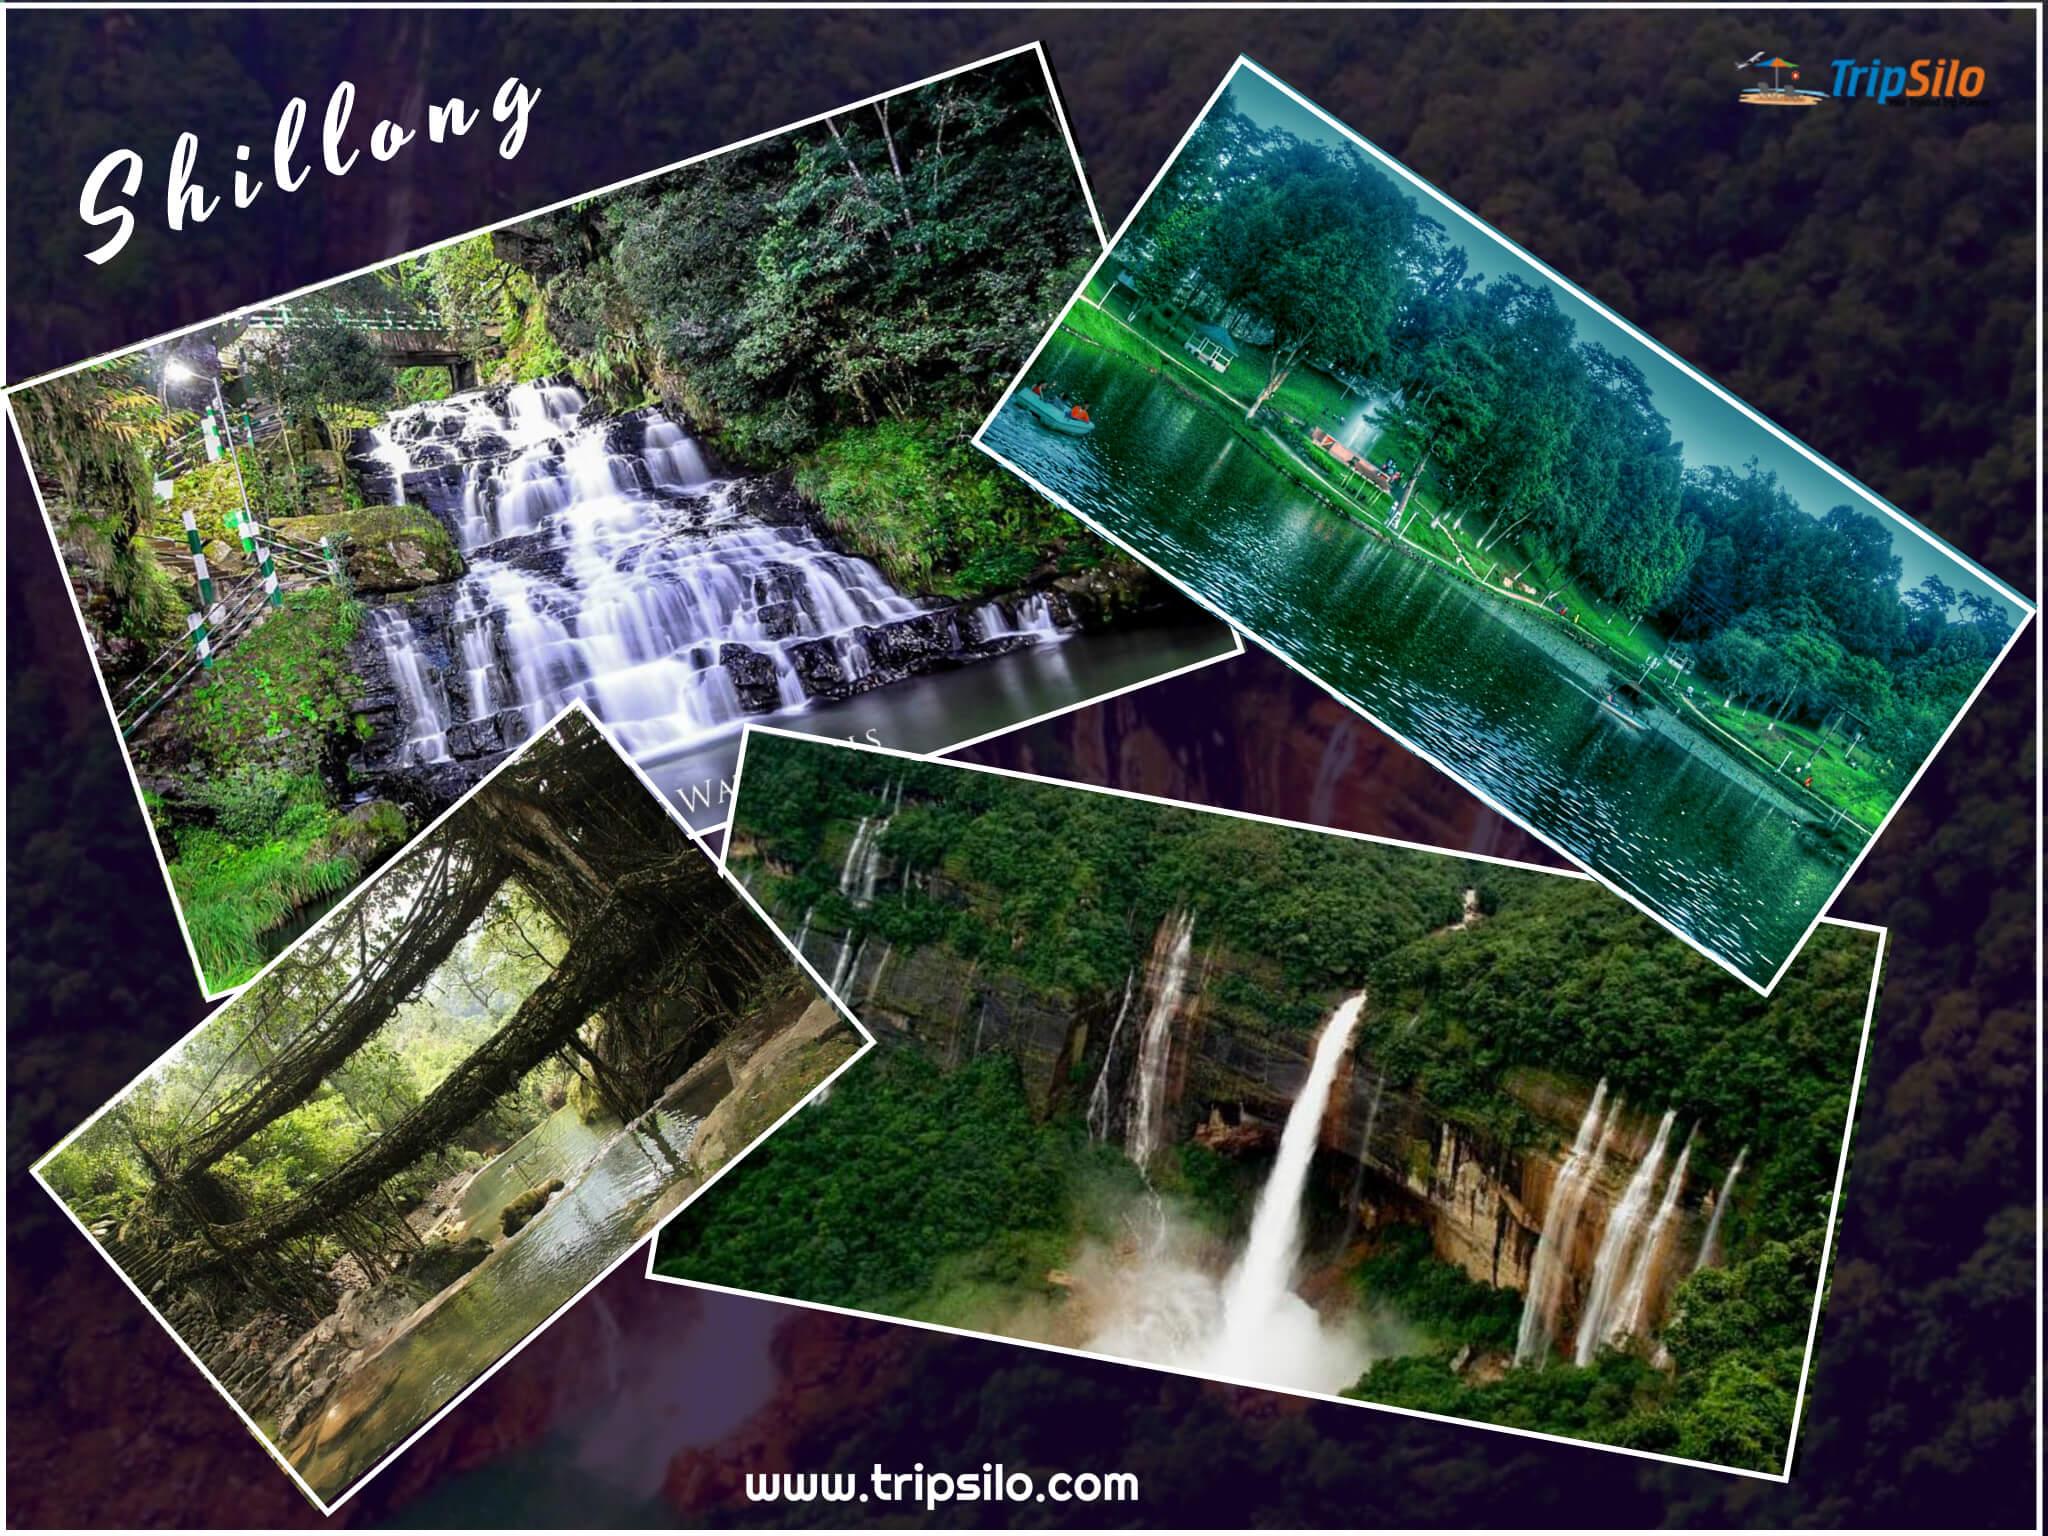 মেঘালয়ের রাজধানী শিলং ভ্রমণের যাবতীয় তথ্য